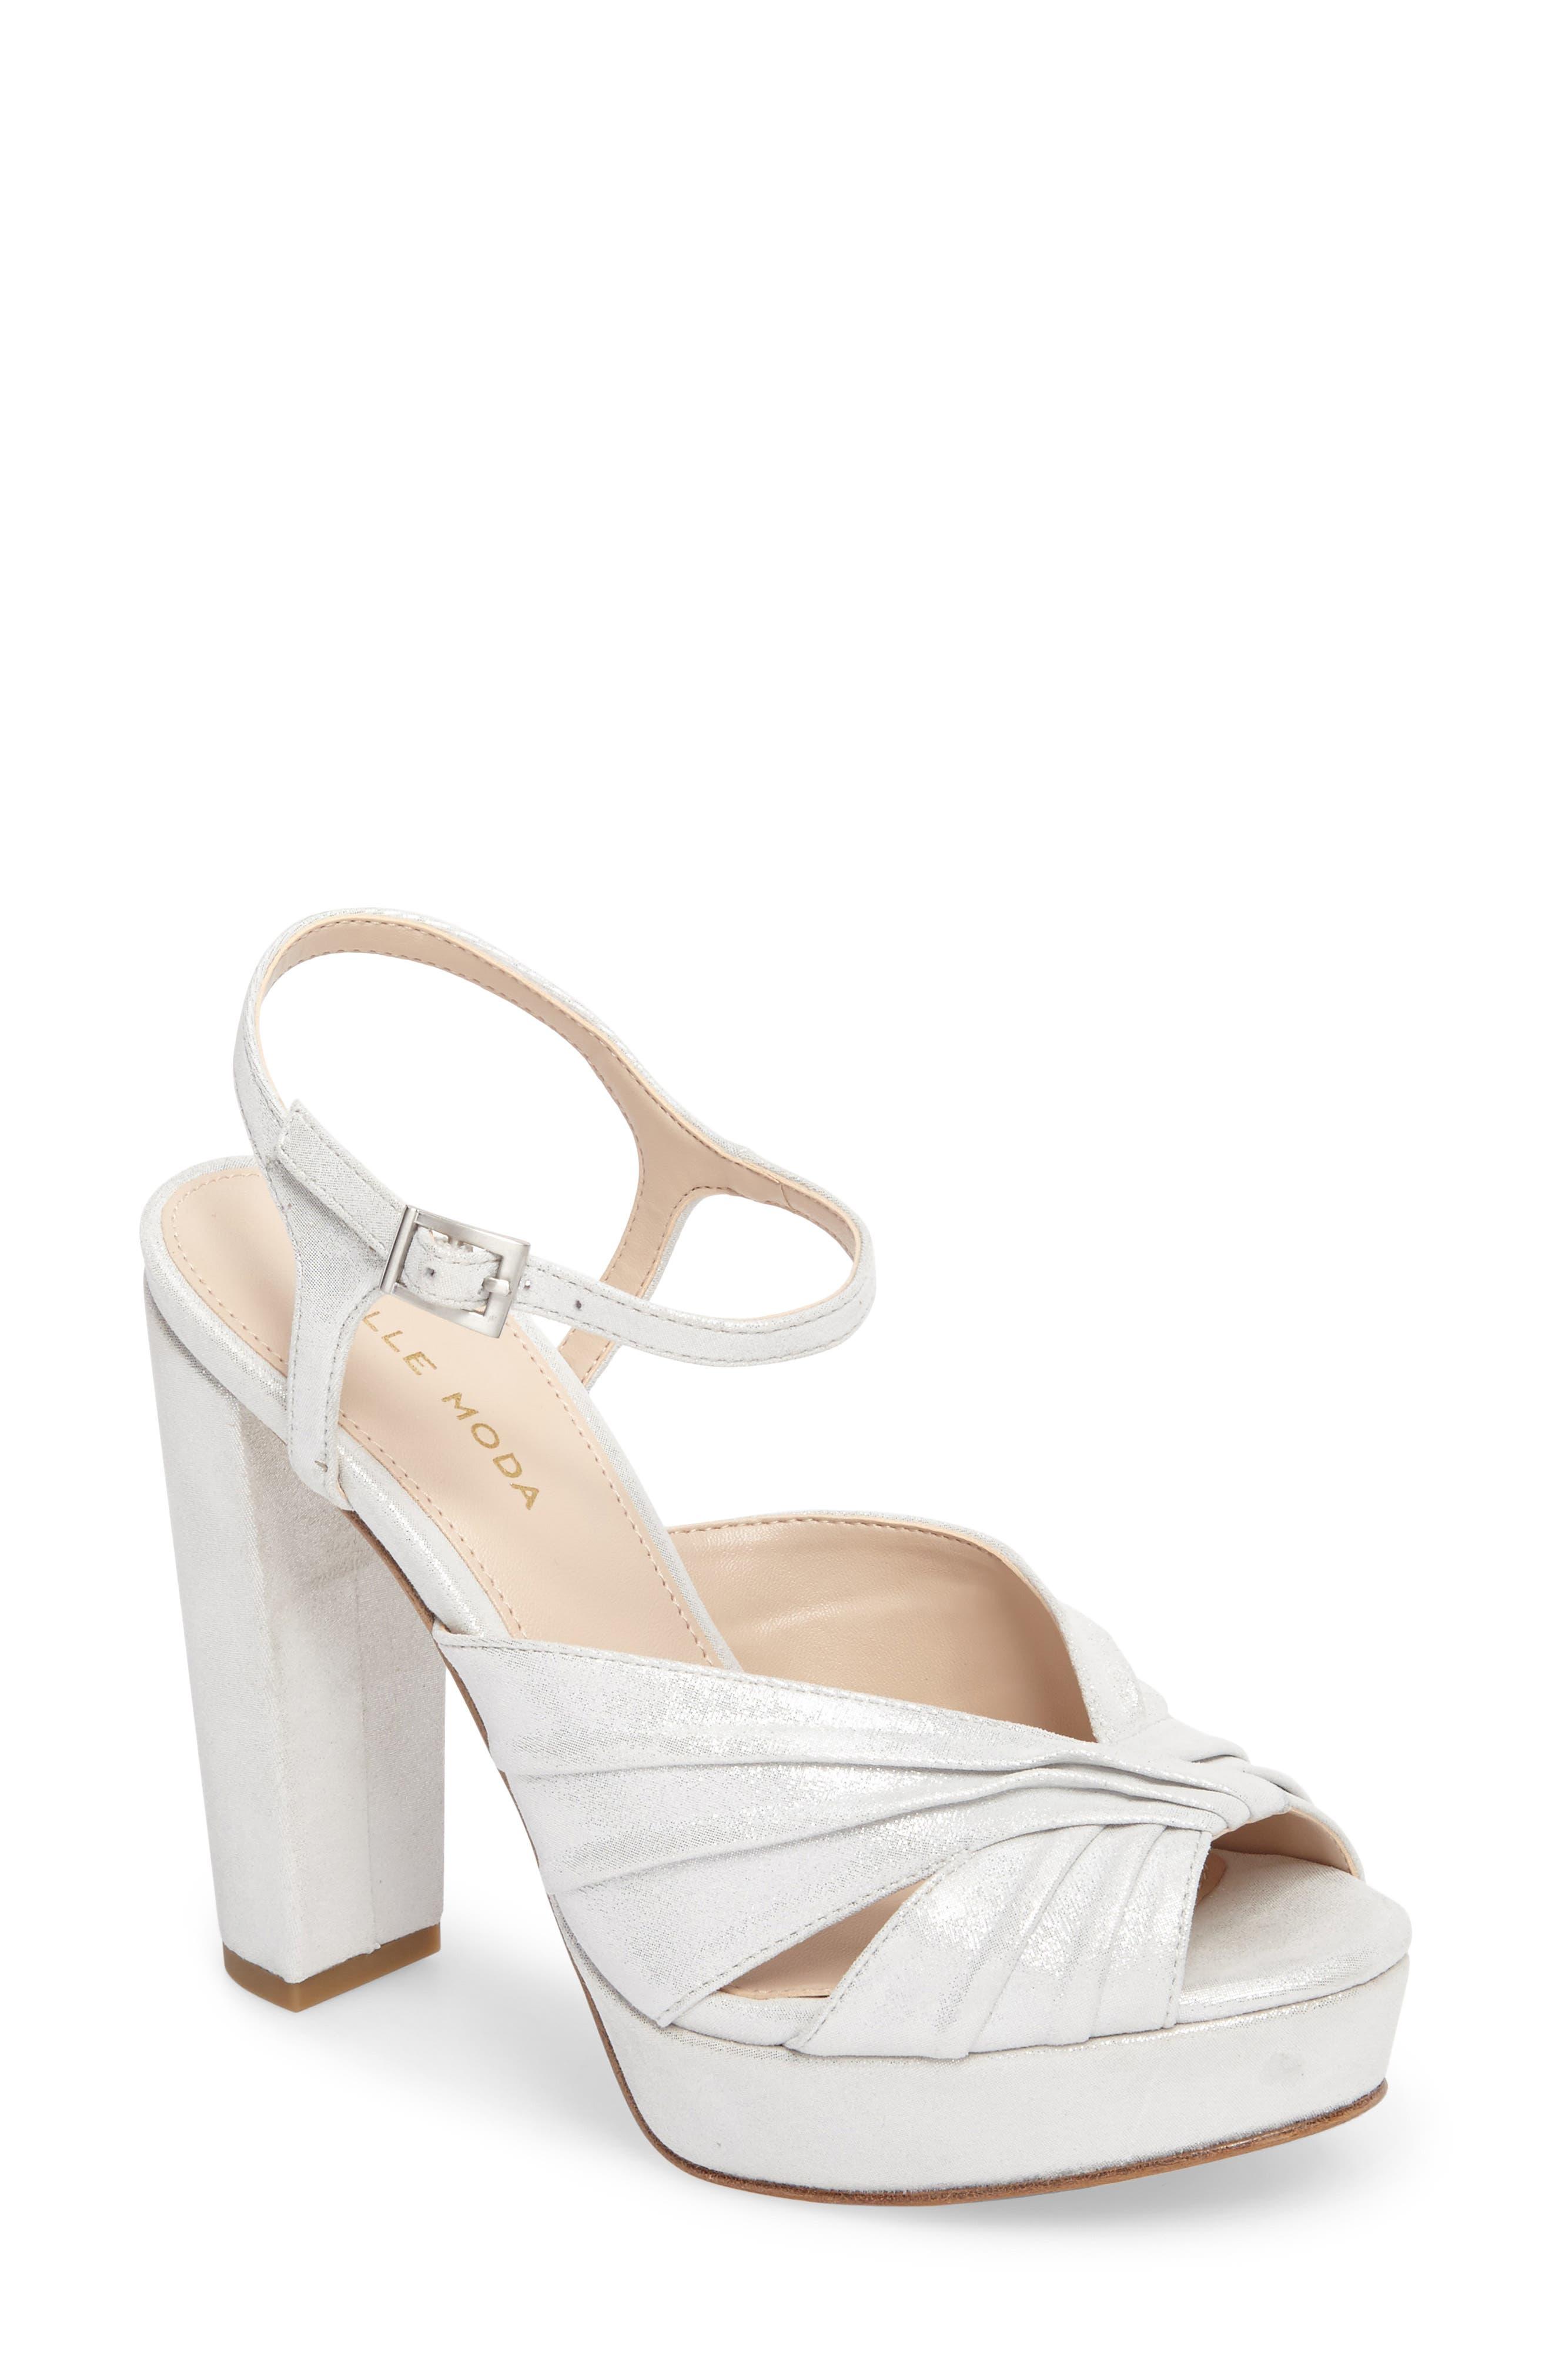 Palm Platform Sandal,                             Main thumbnail 1, color,                             Silver Leather